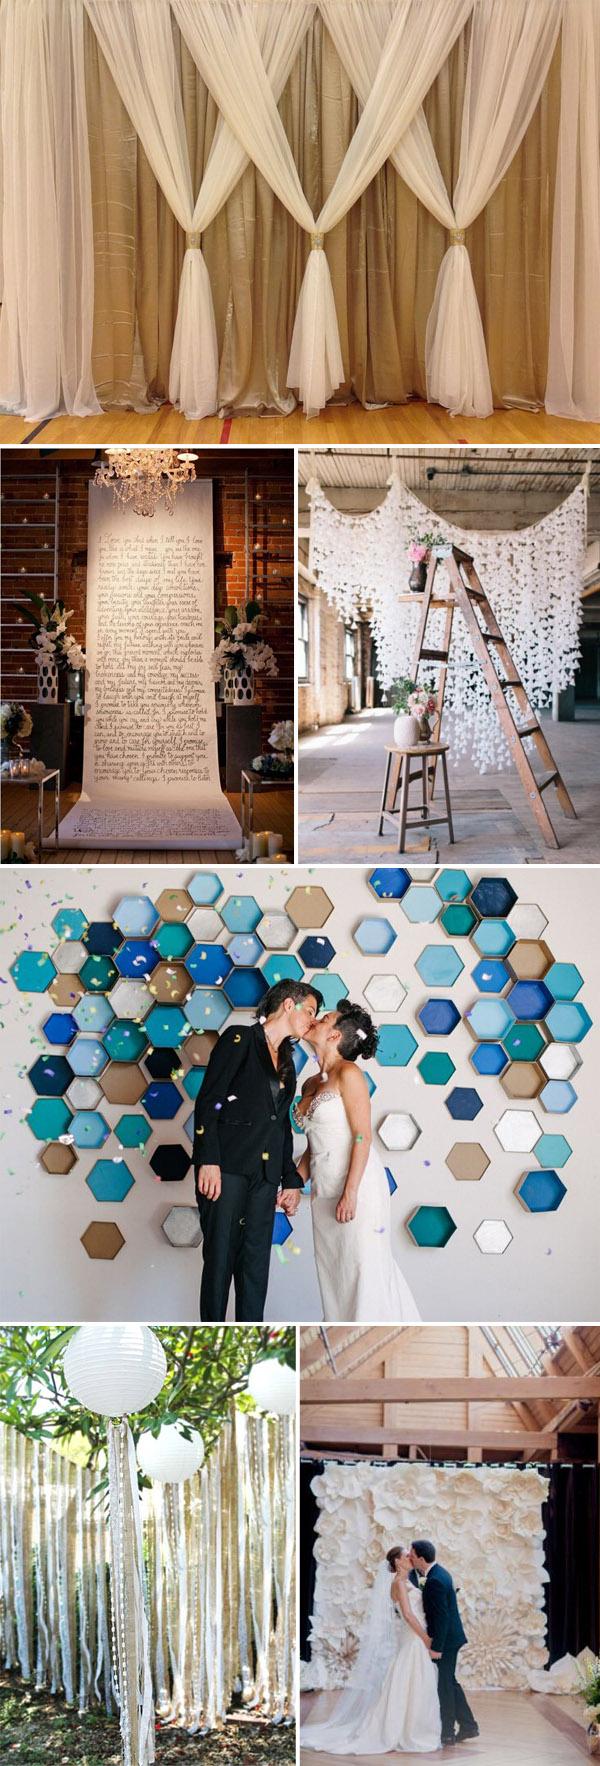 Diy Wedding Backdrop Top 20 Unique Backdrops For Wedding Ceremony Ideas